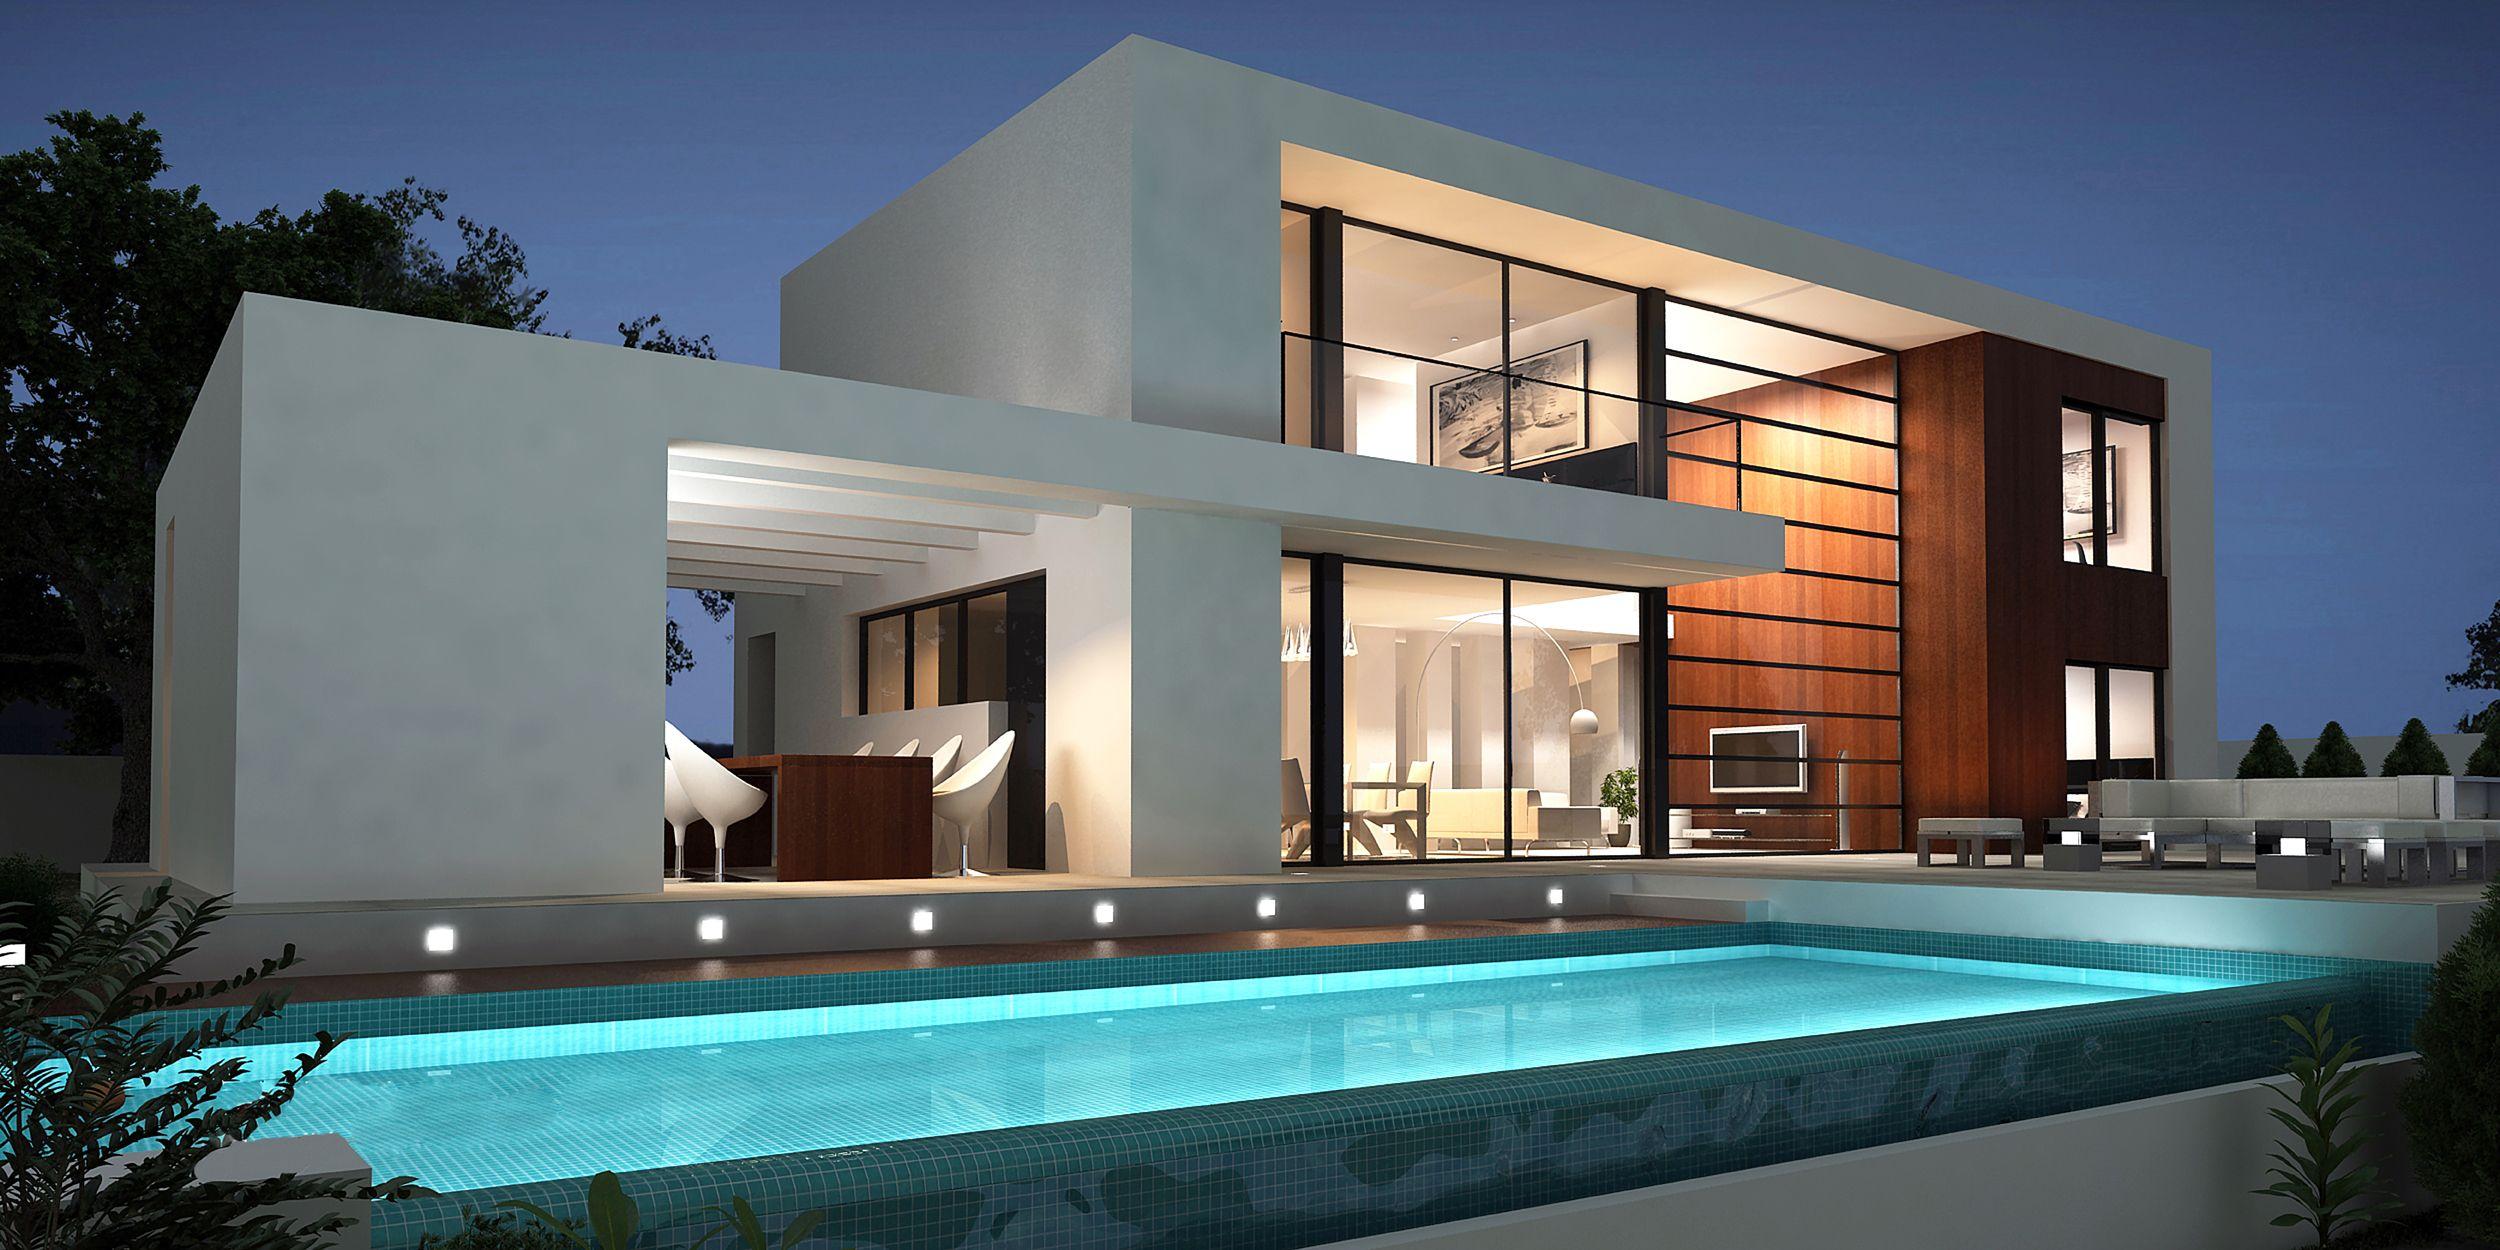 villa modern  GoogleSuche  Modern Architecture  Pinterest  Architecture Villas and House